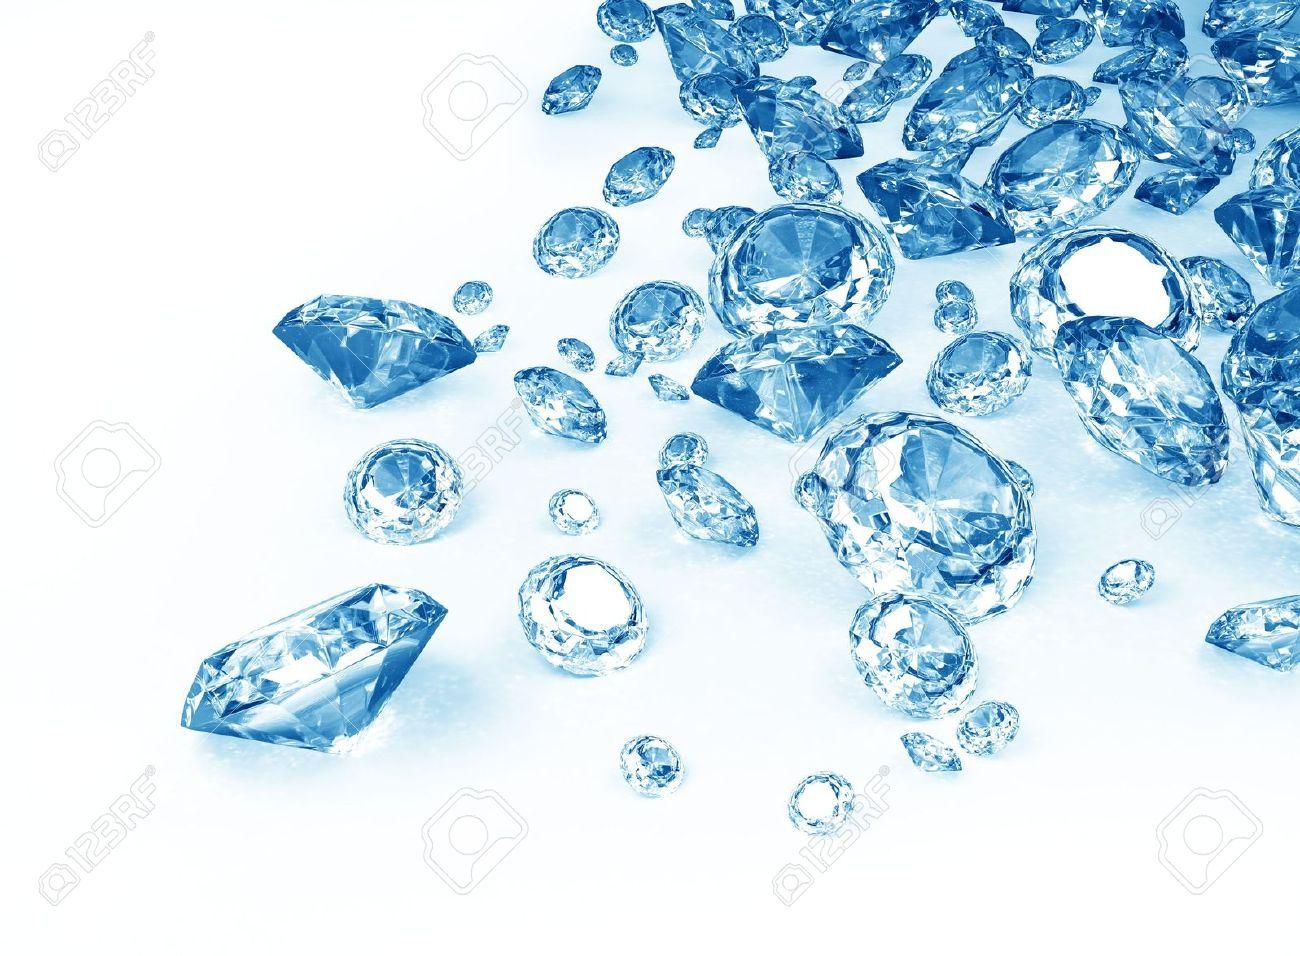 white diamond background - photo #32